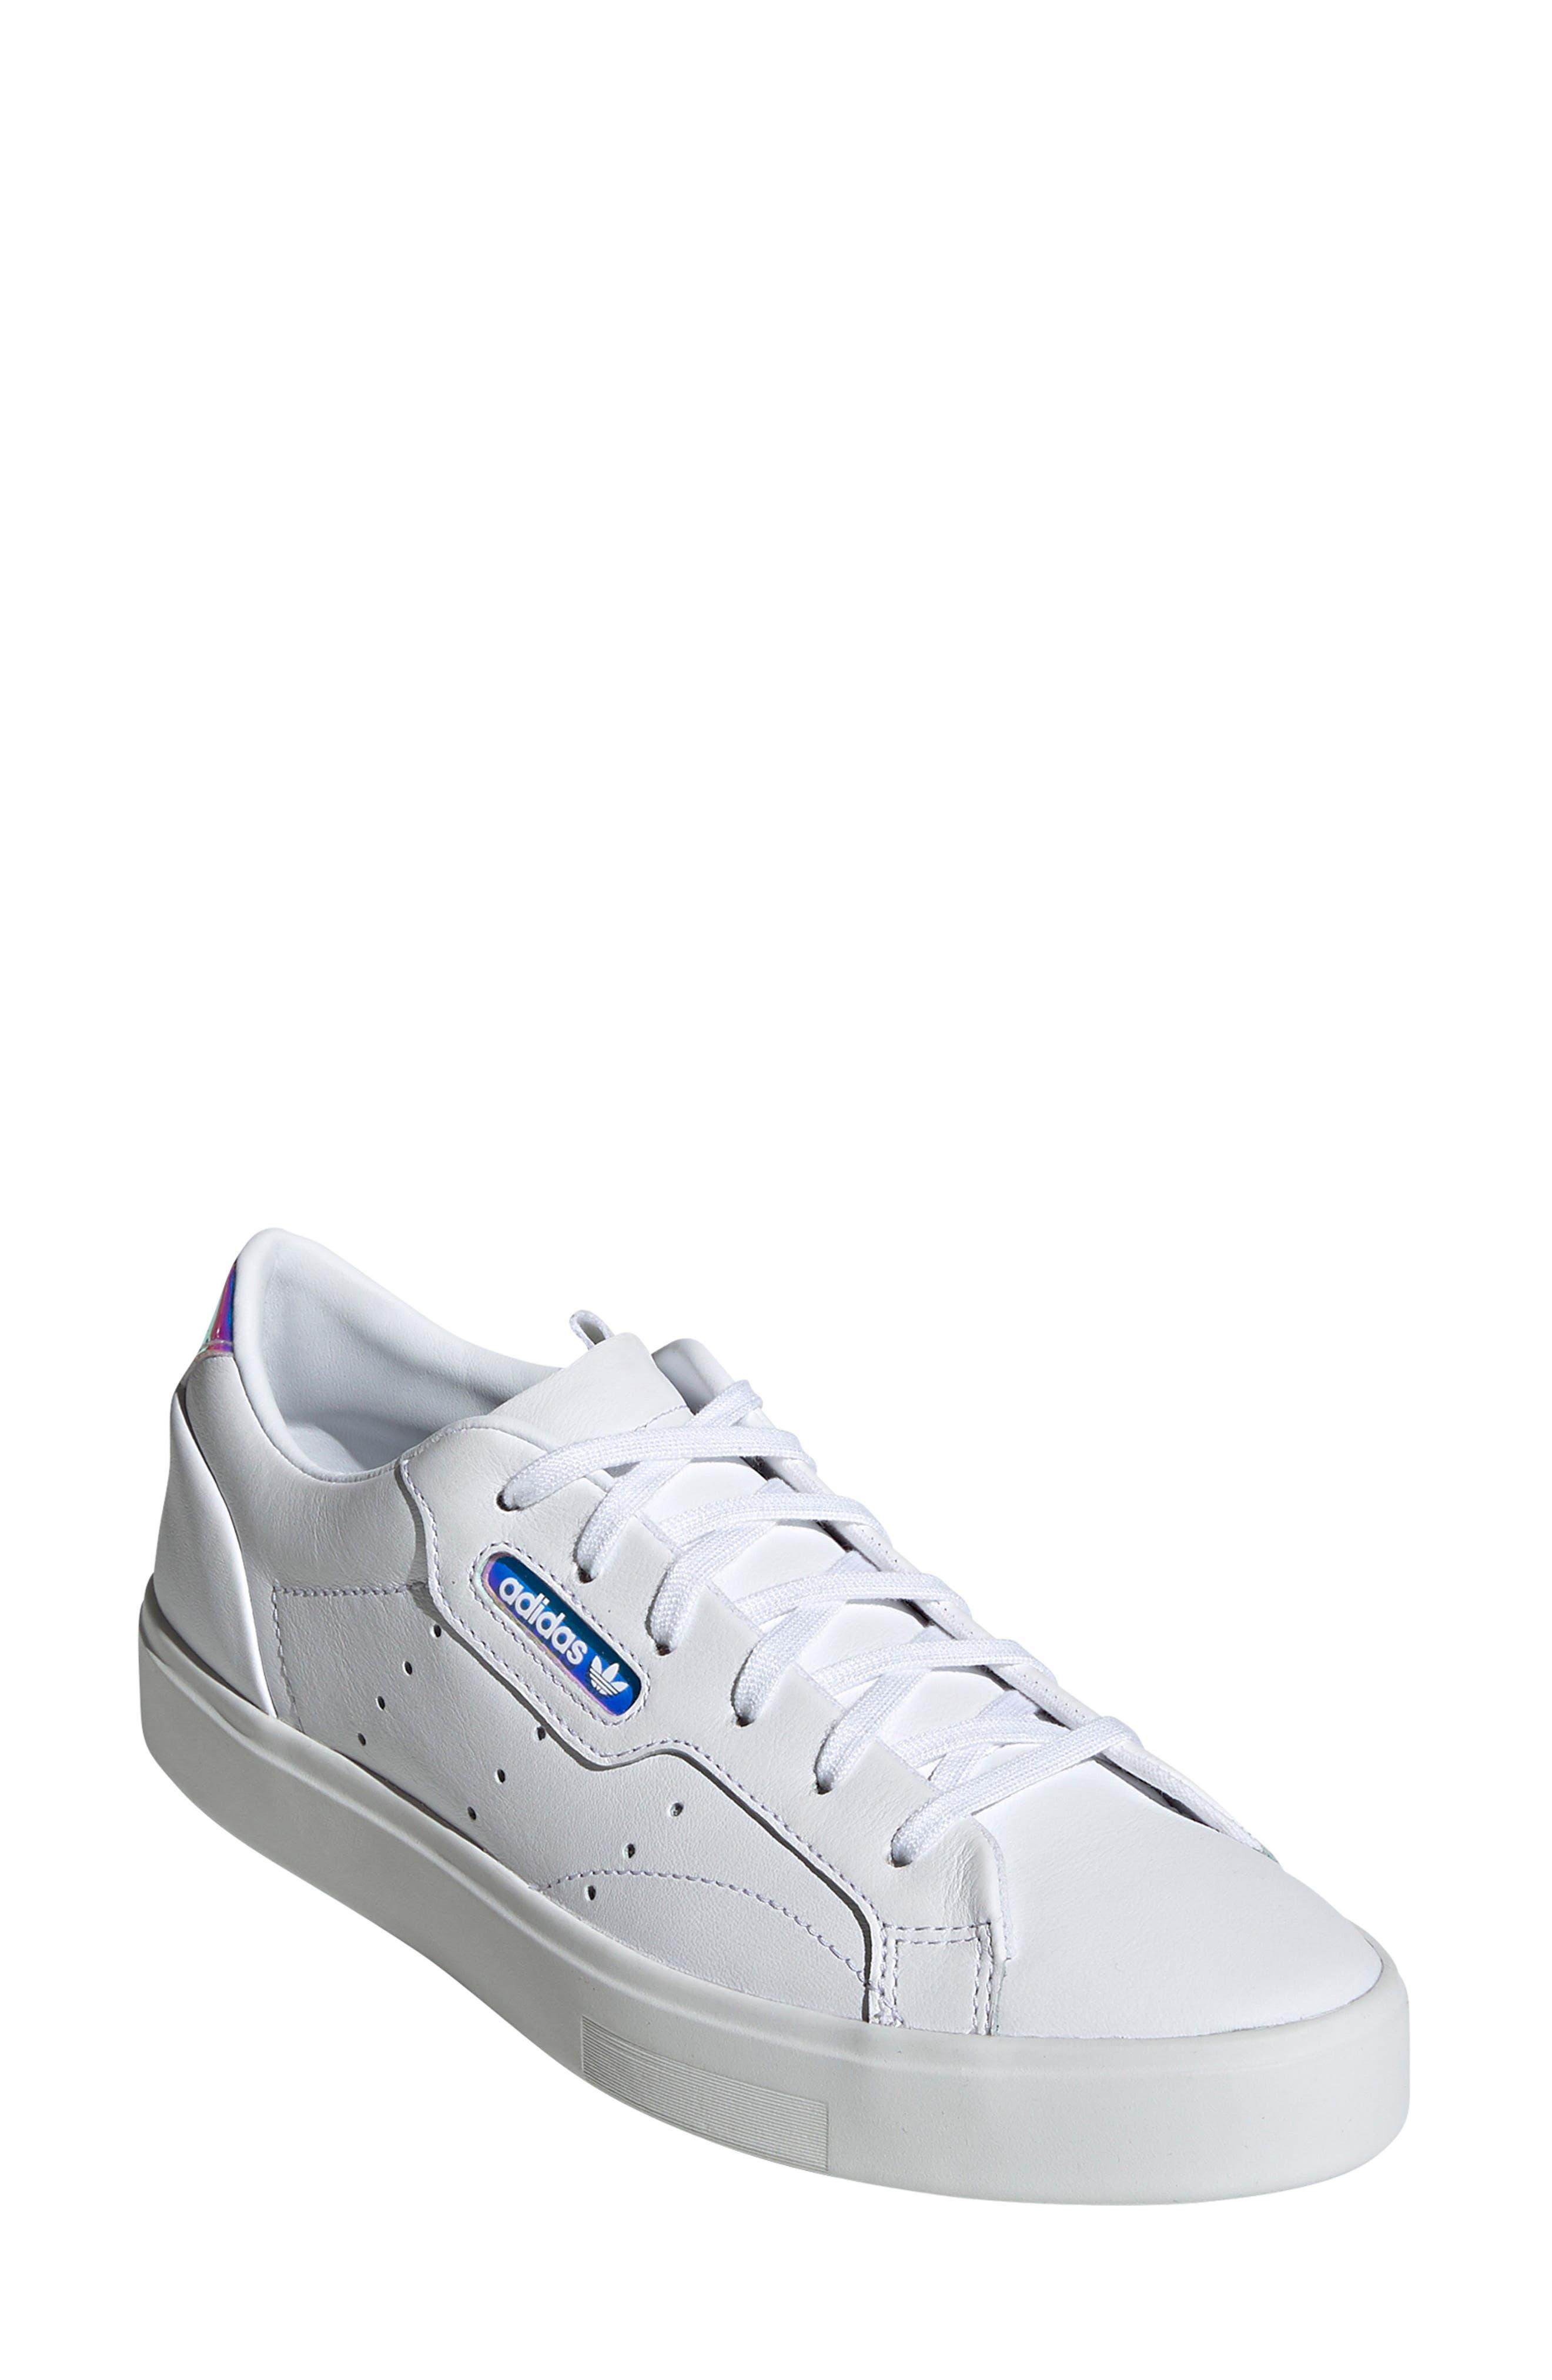 Women's adidas Shoes Sale \u0026 Clearance